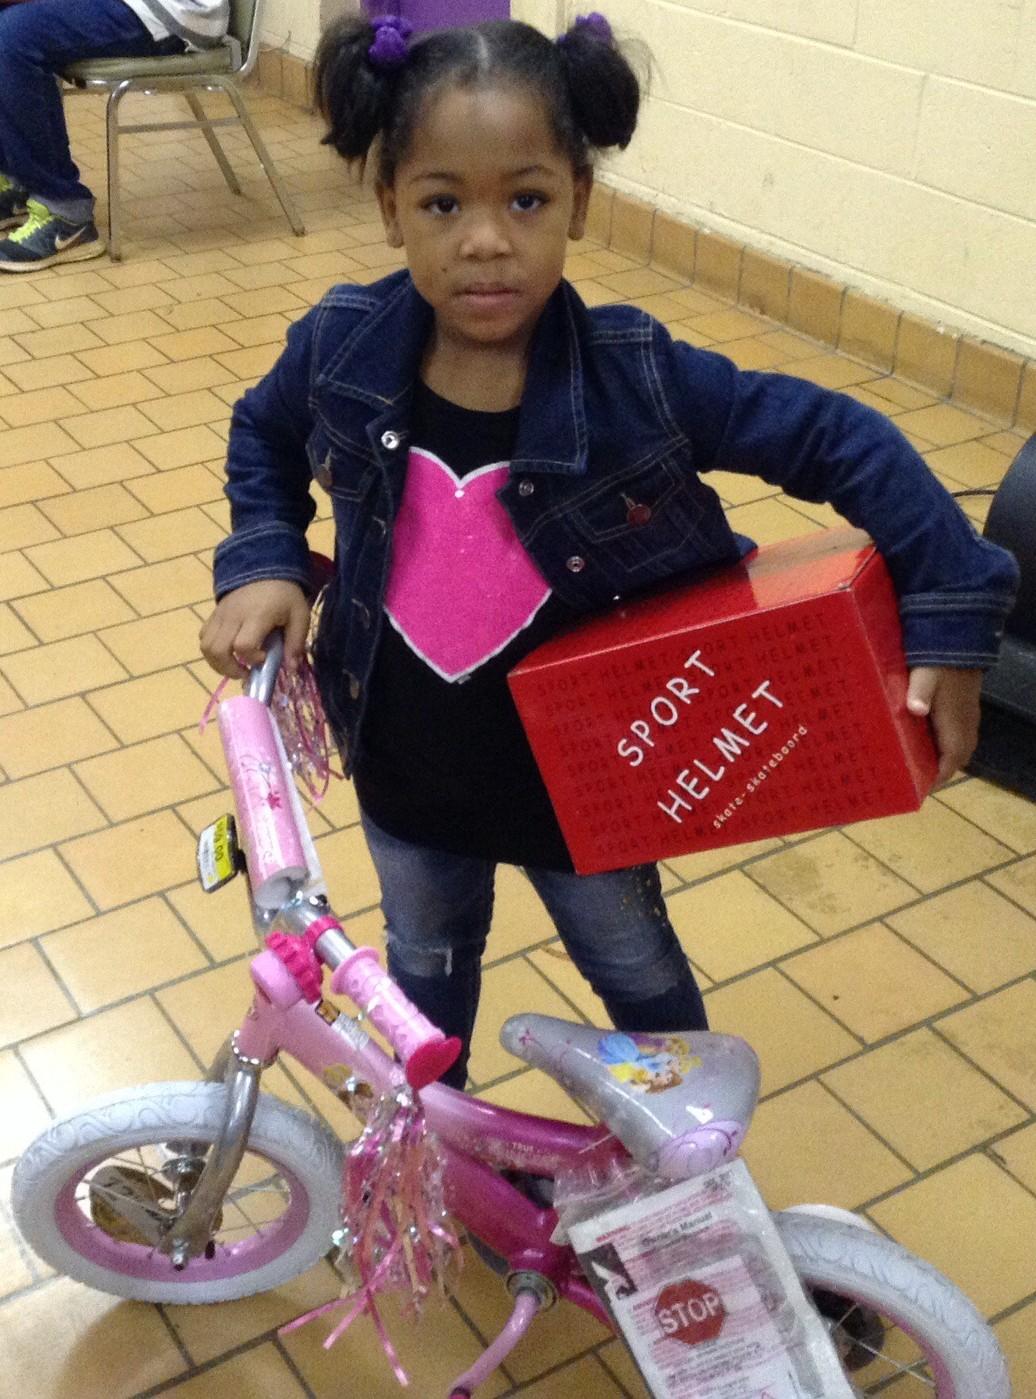 Christmas Bike Give Away - inMontgomery - inCity Magazine